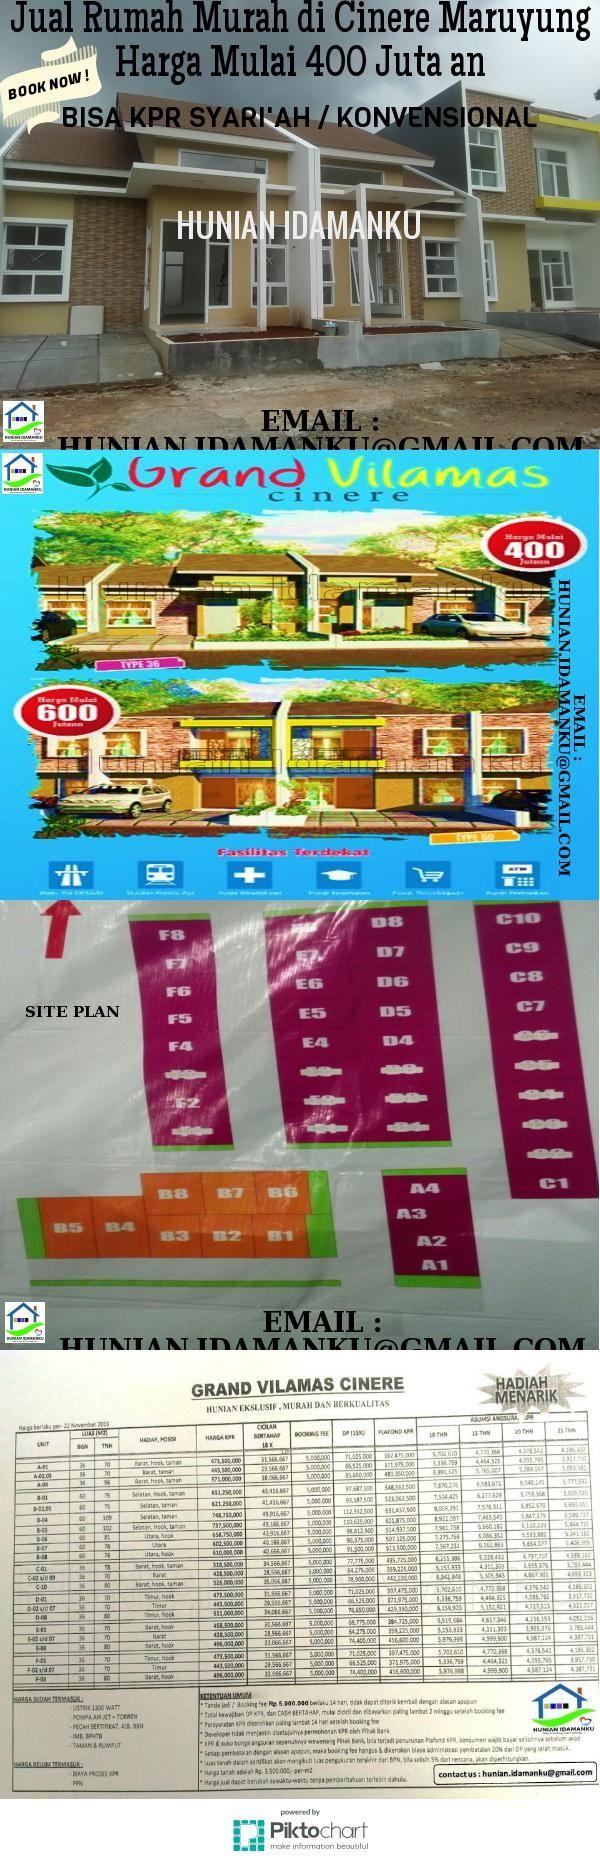 Dijual Rumah Cluster Murah Di Grand Vilamas Cinere Maruyung | youtu.be/YEMueiKvWoo?a